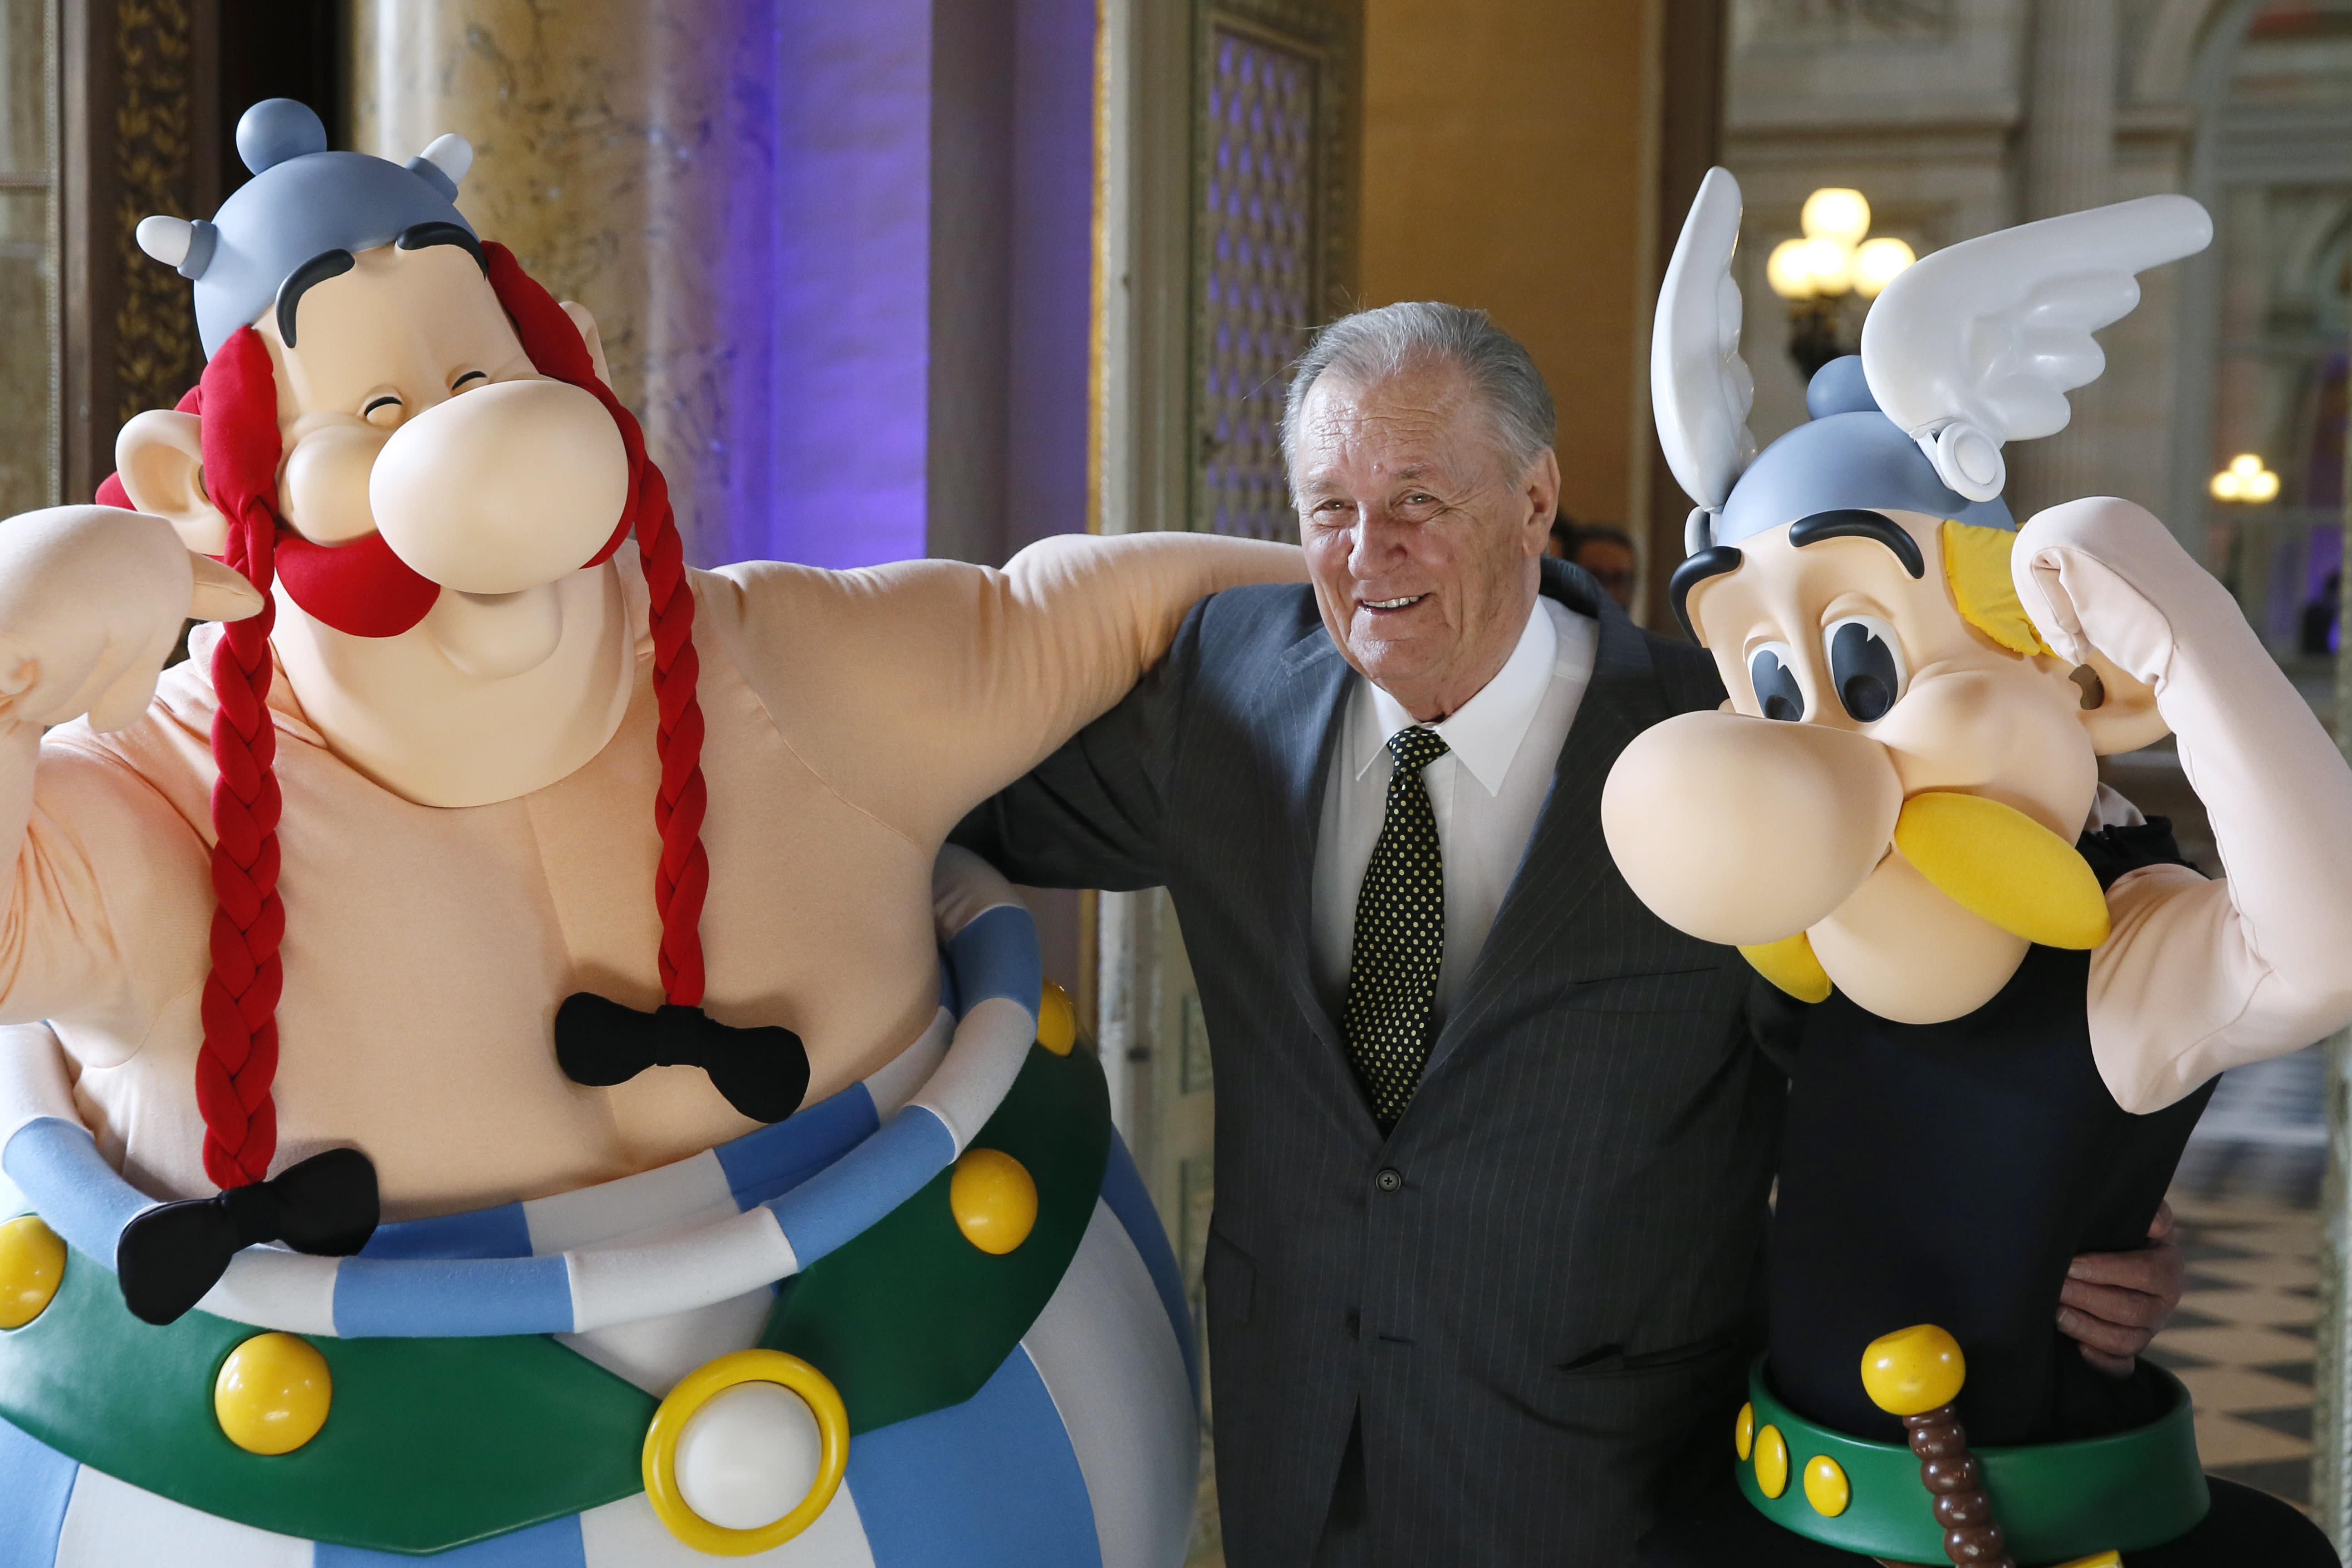 Albert Uderzo: Asterix co-creator and illustrator dies aged 92